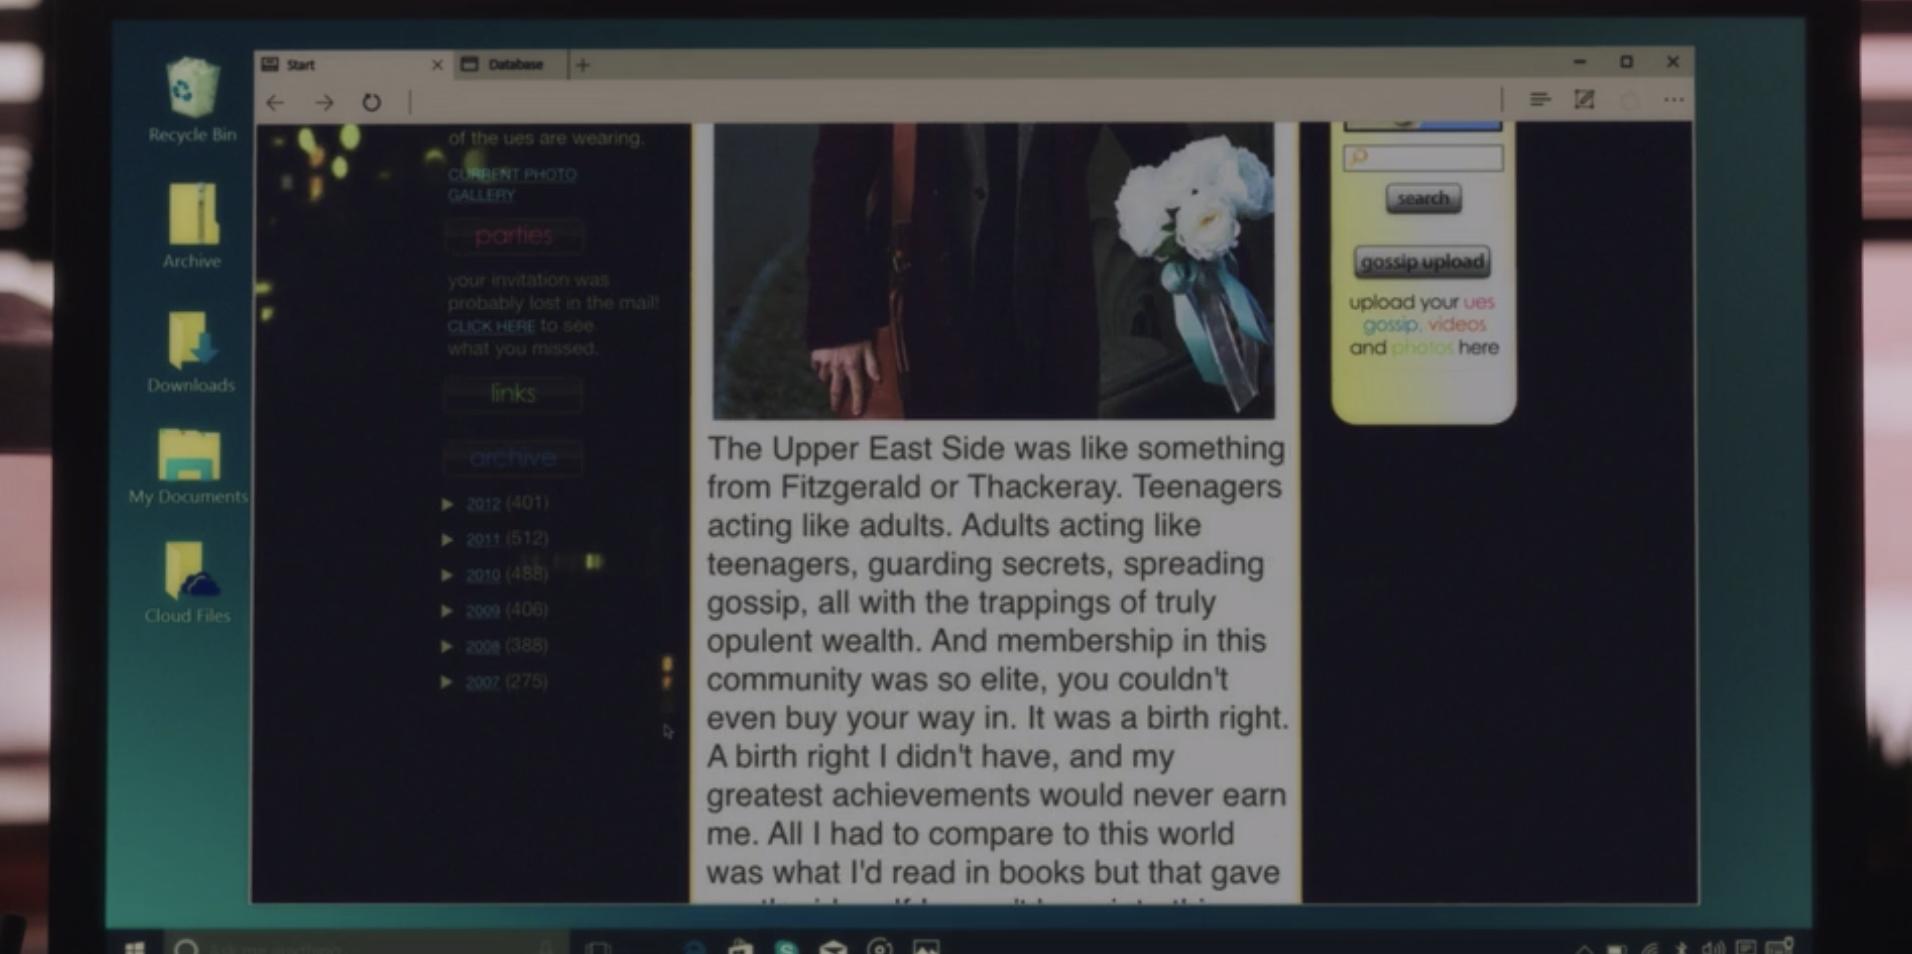 A screenshot of the Gossip Girl blog